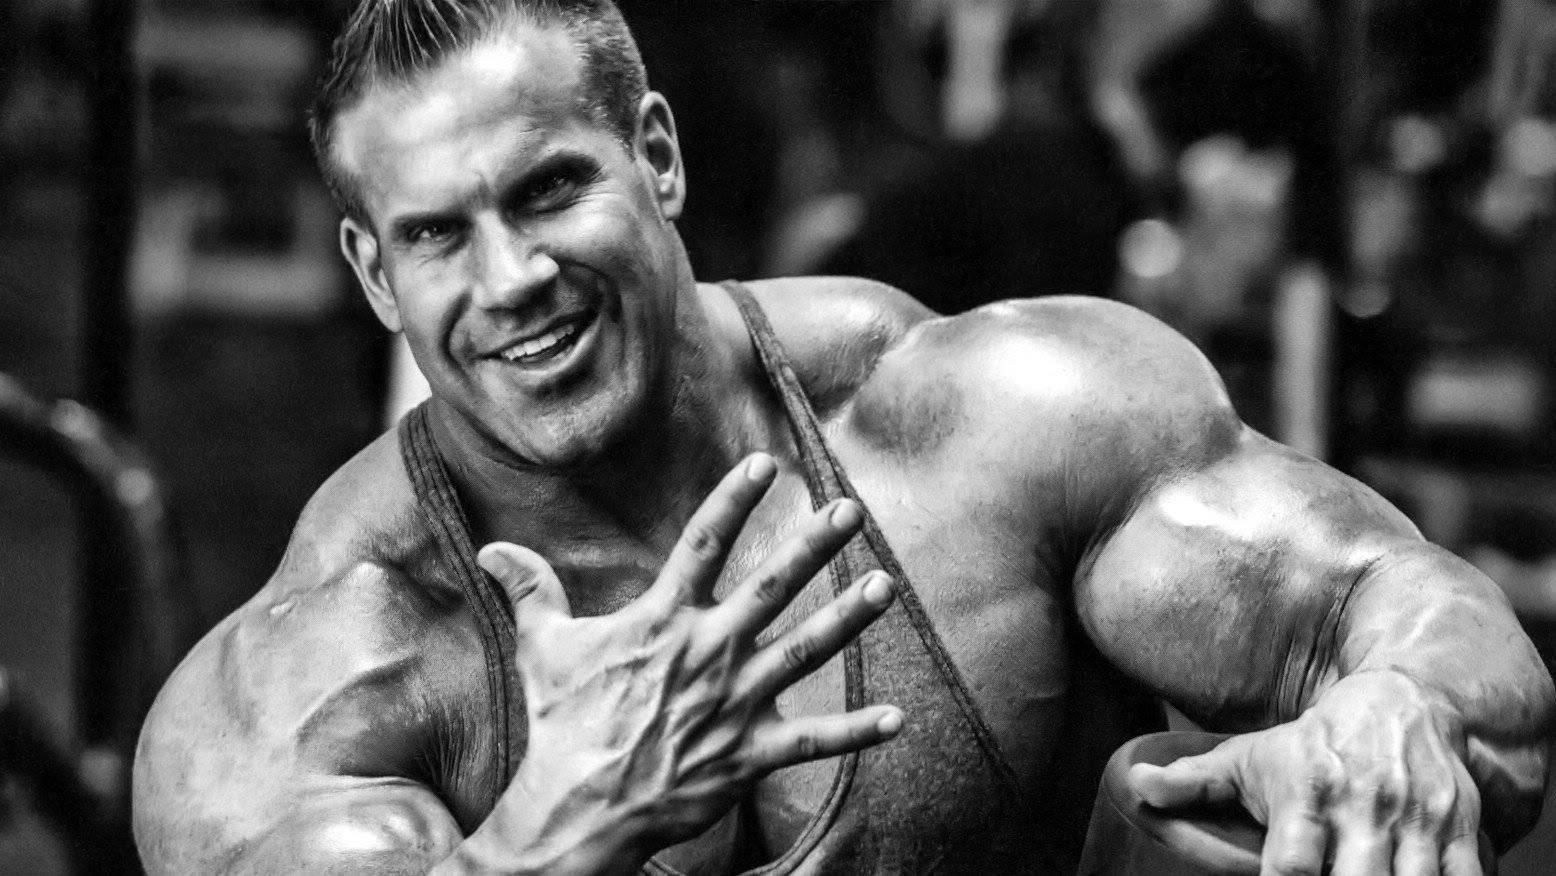 Джей катлер — тренировка плеч базовыми и изолирующими упражнениями | power-body.ru